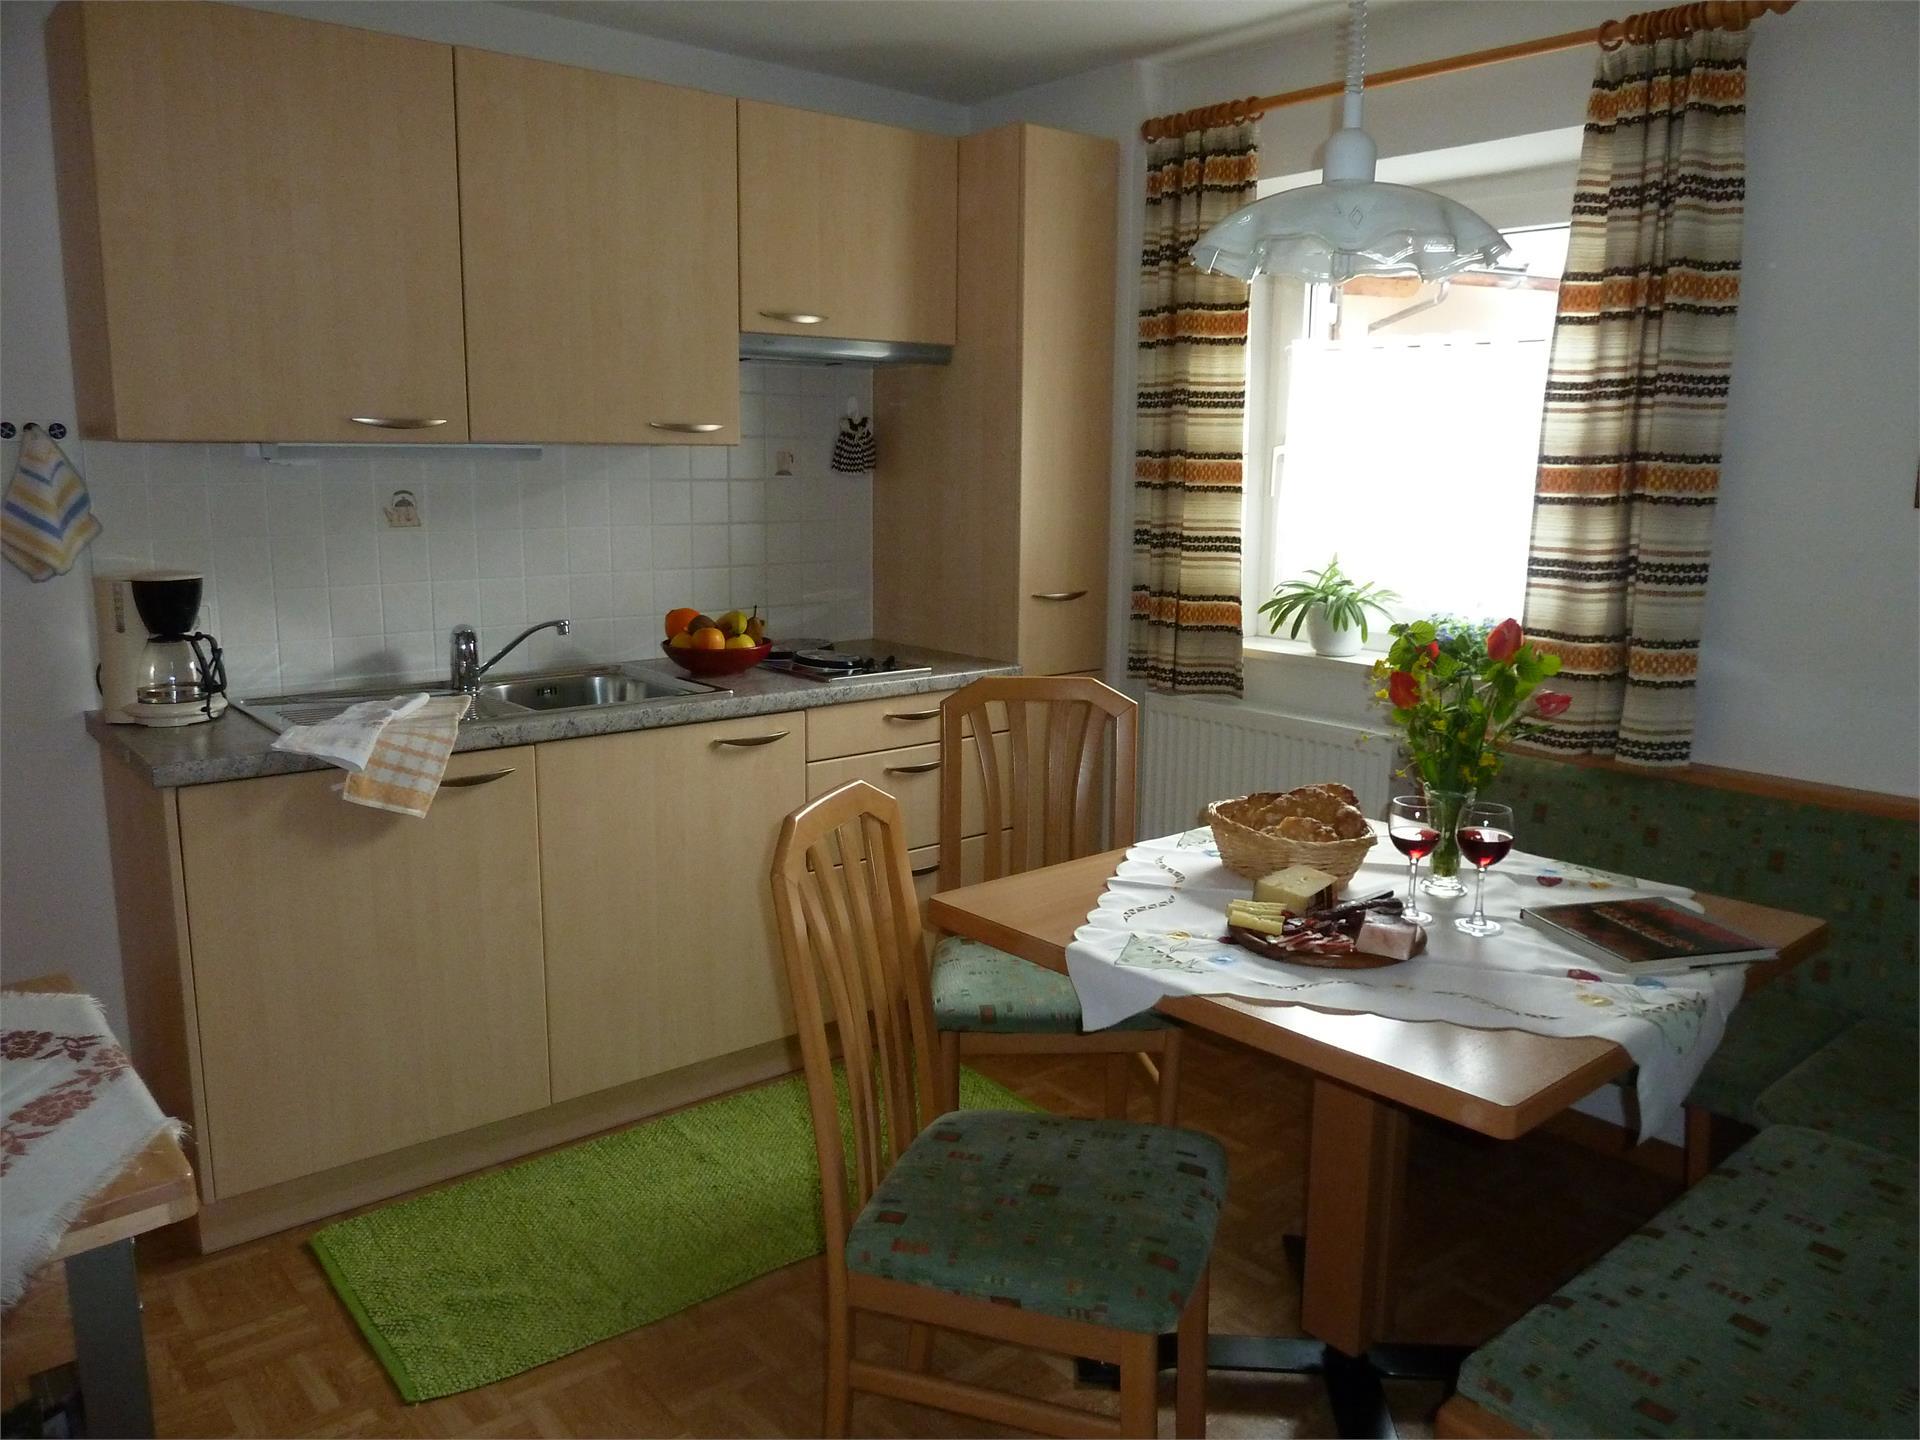 Küche Wohnung Barbara- Haus Albert Haselrieder, Völs am Schlern